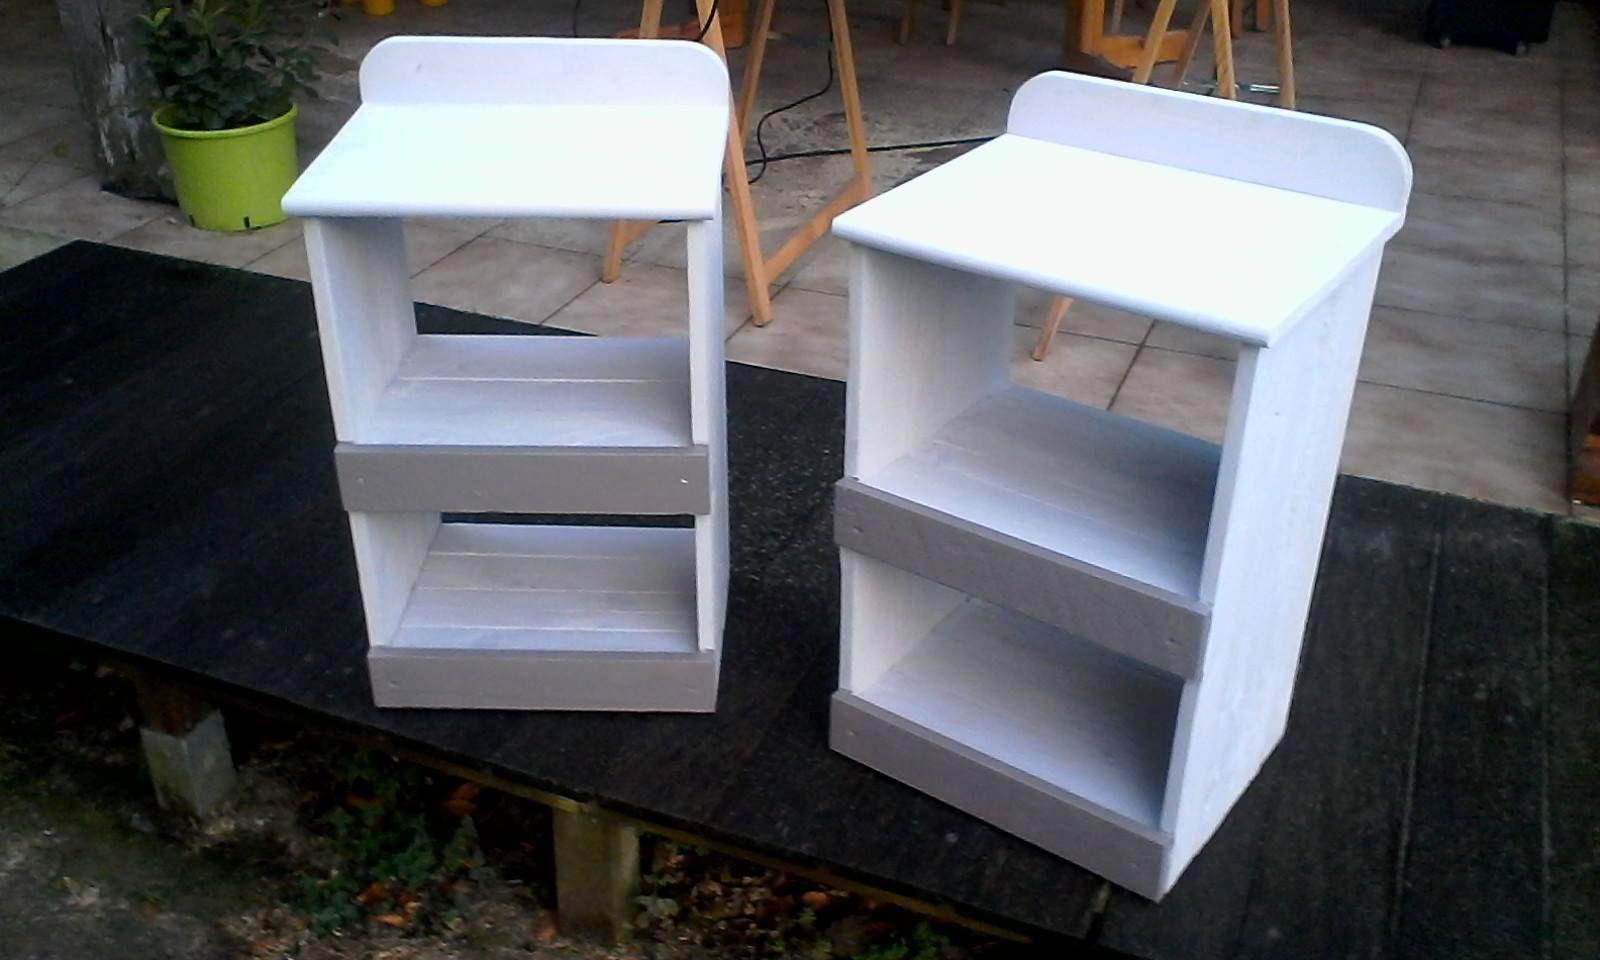 Tables De Réalisé Deux Chevet Bois En RecycléDimensionHauteur WYE2DH9I